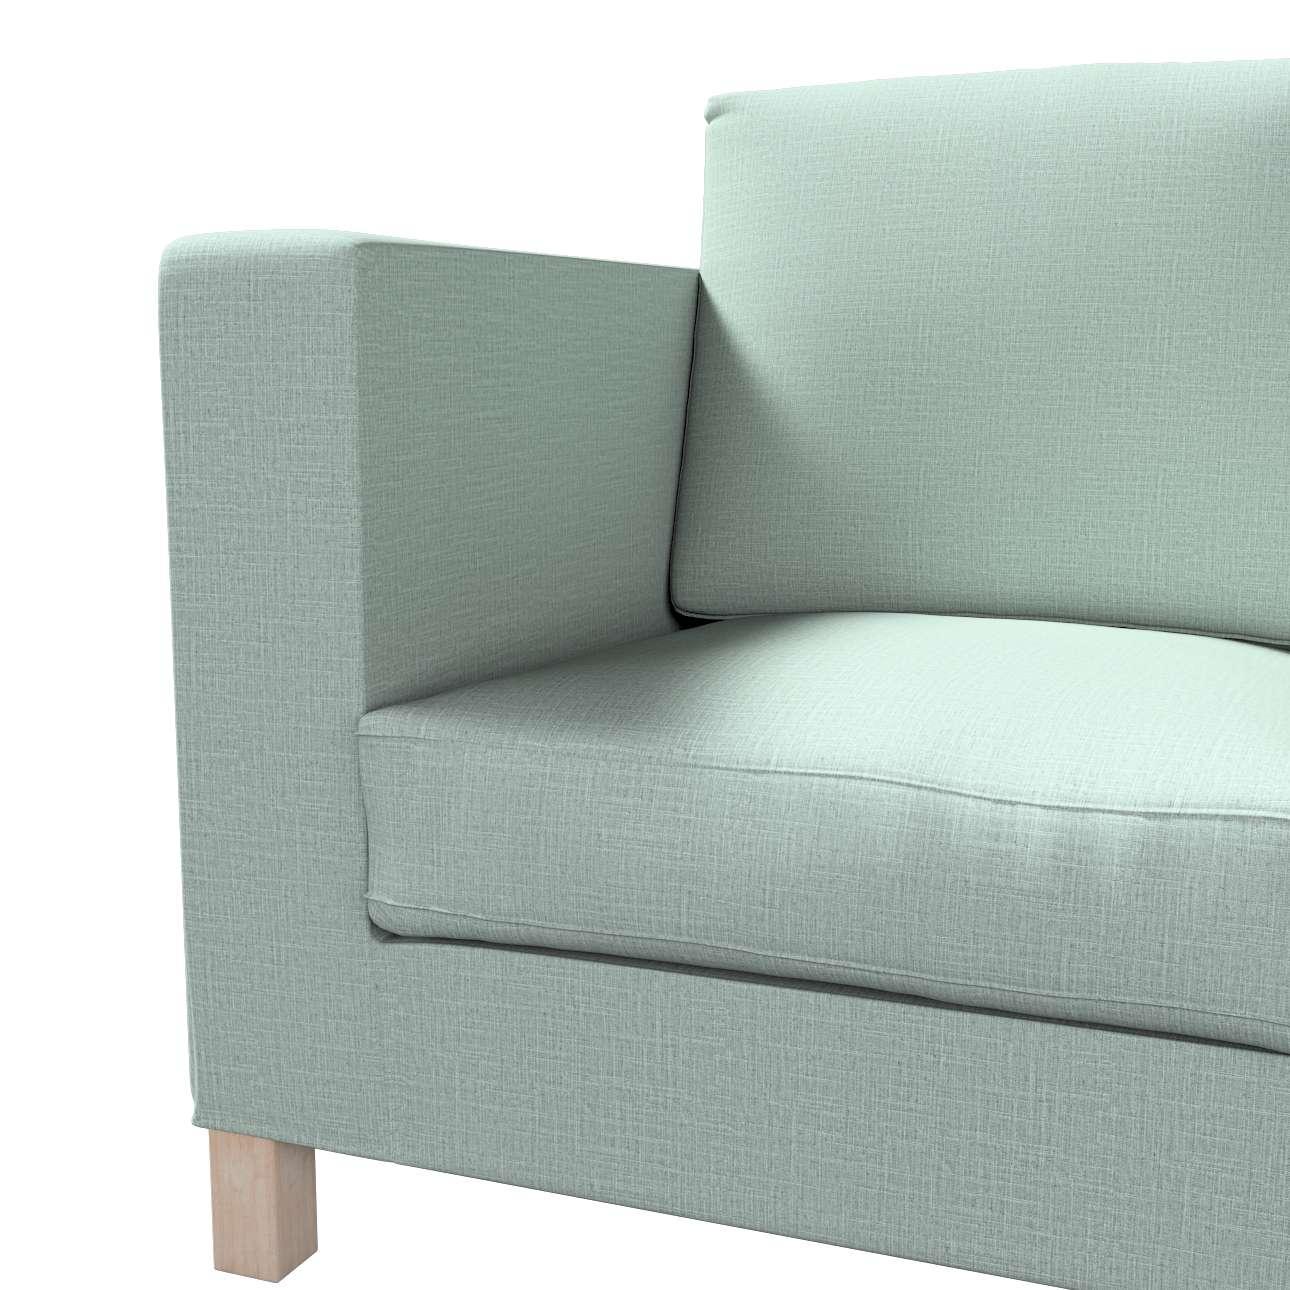 Potah na pohovku IKEA  Karlanda 3-místná nerozkládací, krátký v kolekci Living II, látka: 160-86